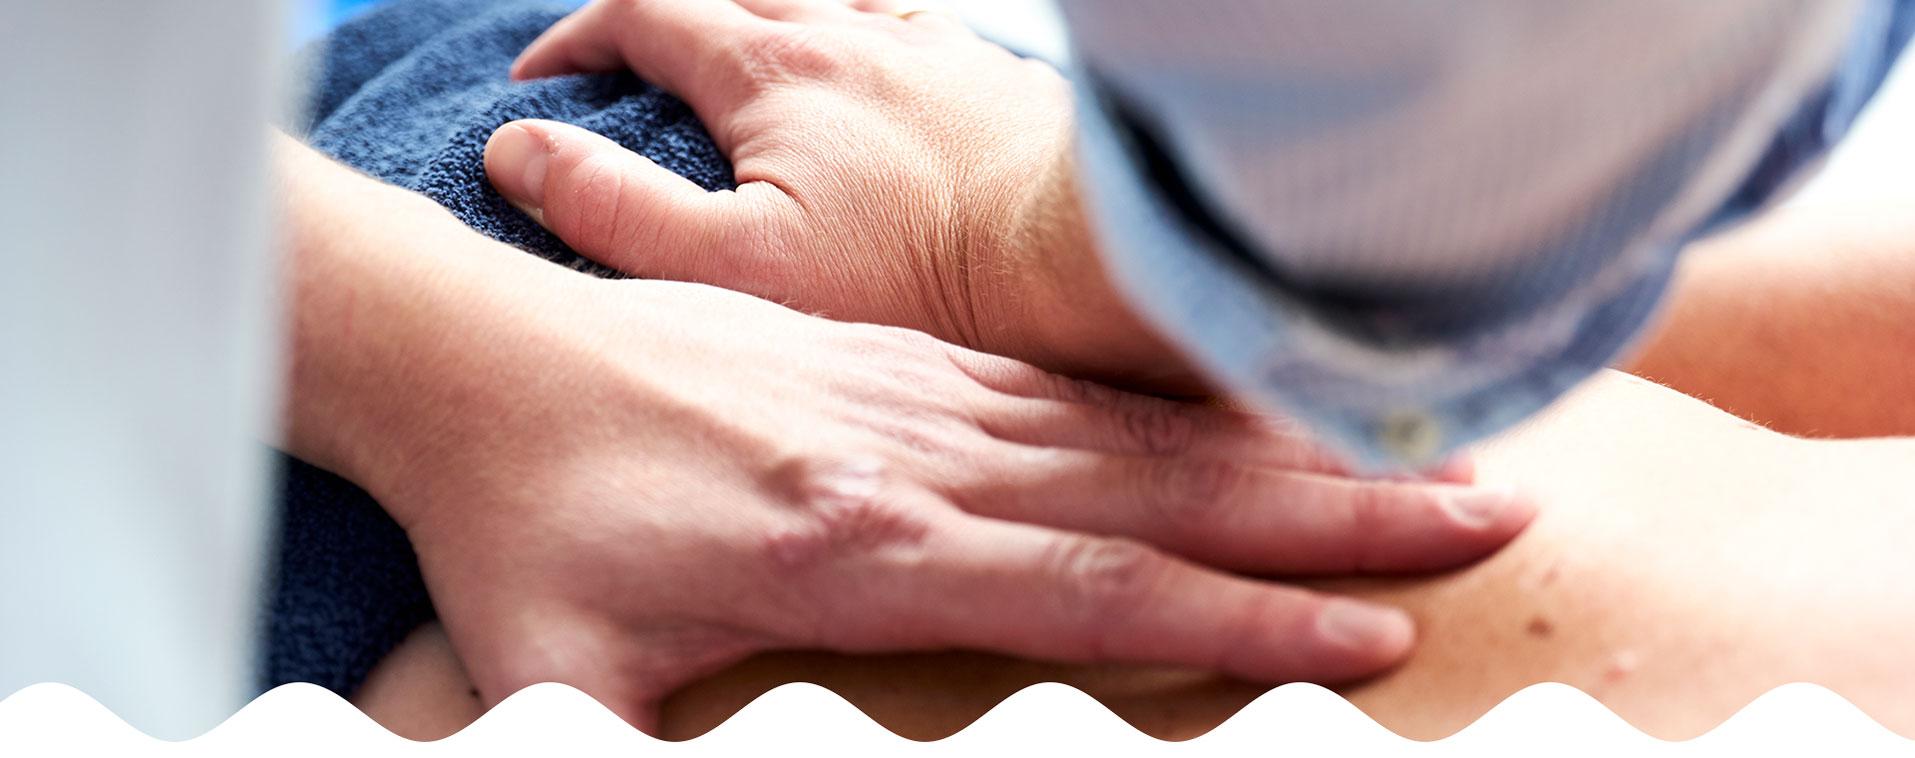 Massagebehandeling door fysiotherapeut | Fysio Stenia Zeist